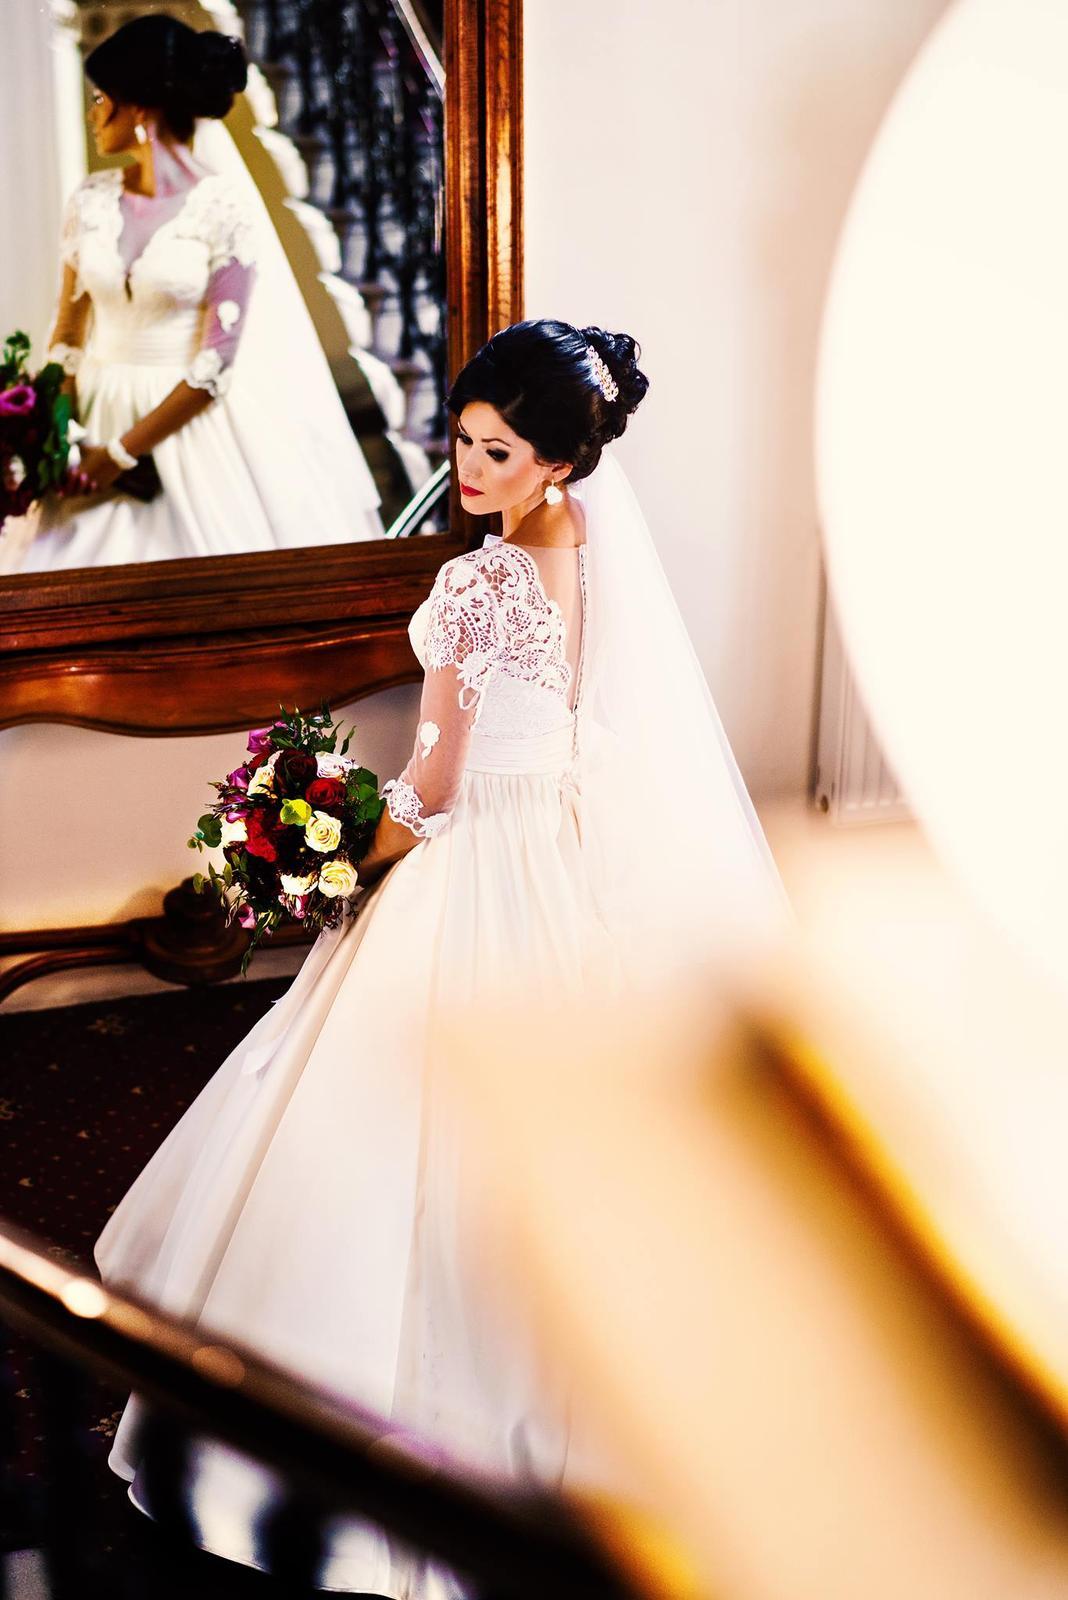 Moje svadobné fotografie - Obrázok č. 4